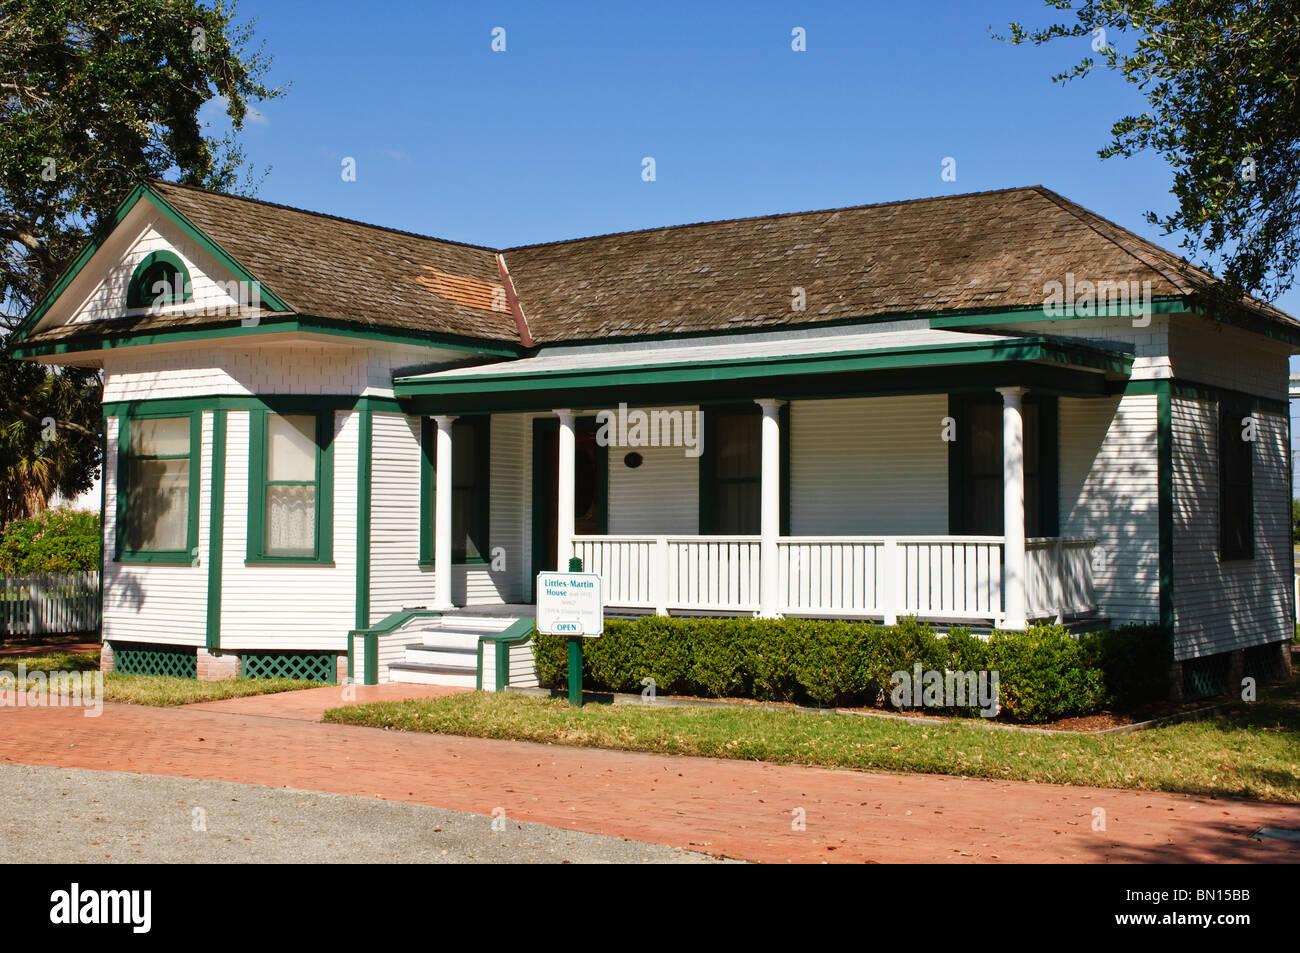 Texas, Corpus Christi, Heritage Park. - Stock Image